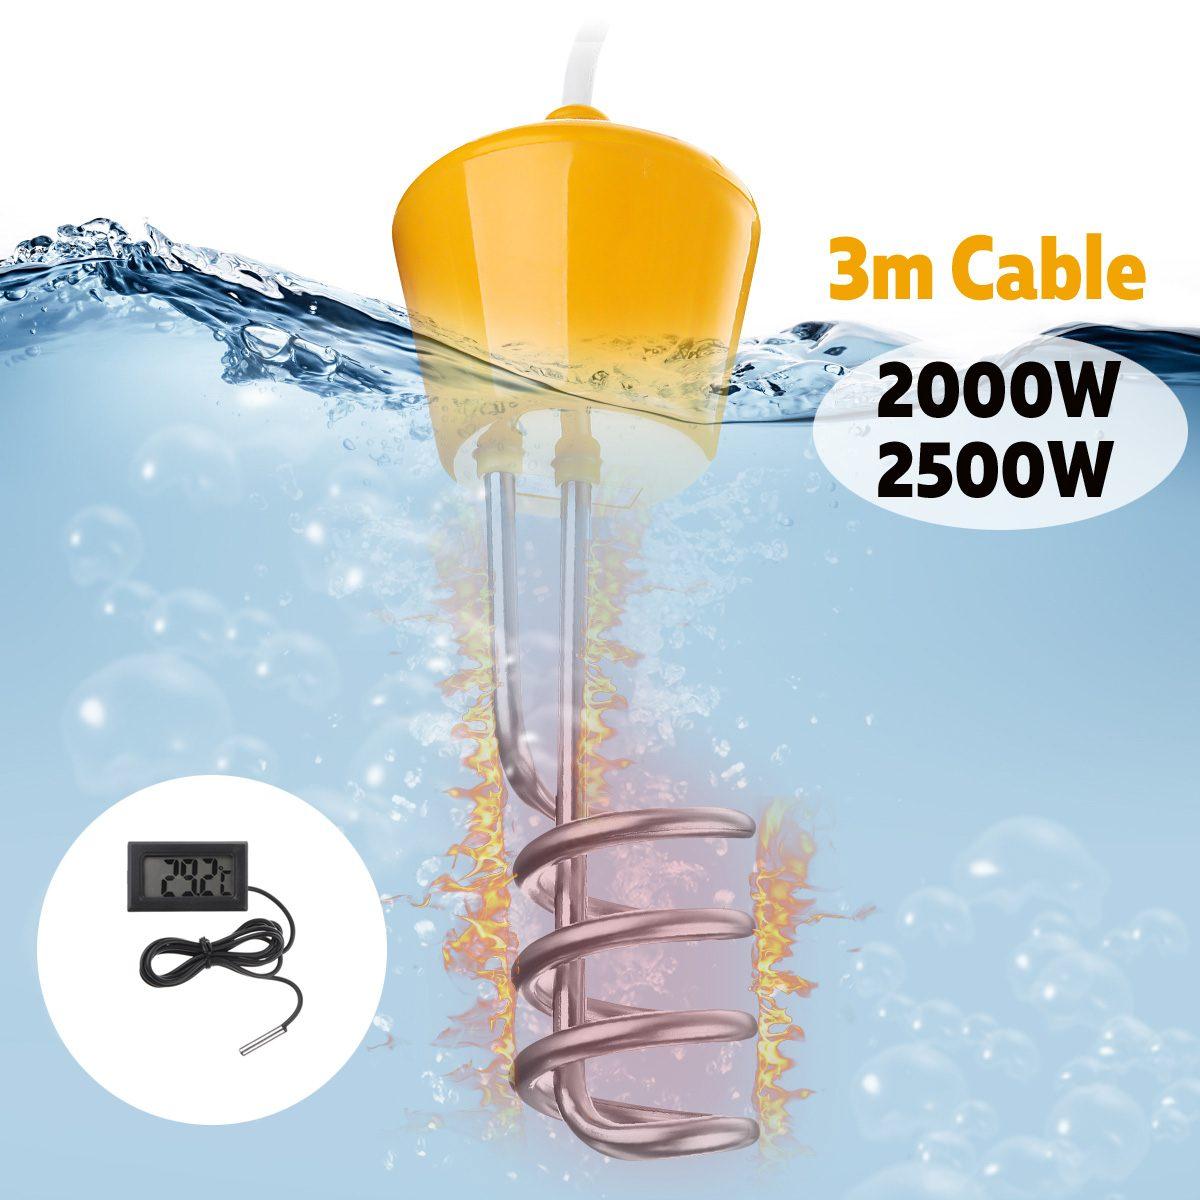 2019 Mode 2000 W/2500 W Tragbare Suspension Elektrische Immersion Wasser Heizung Element Kessel Für Aufblasbare Pool Badewanne Reise Camping Reise SchöN Und Charmant